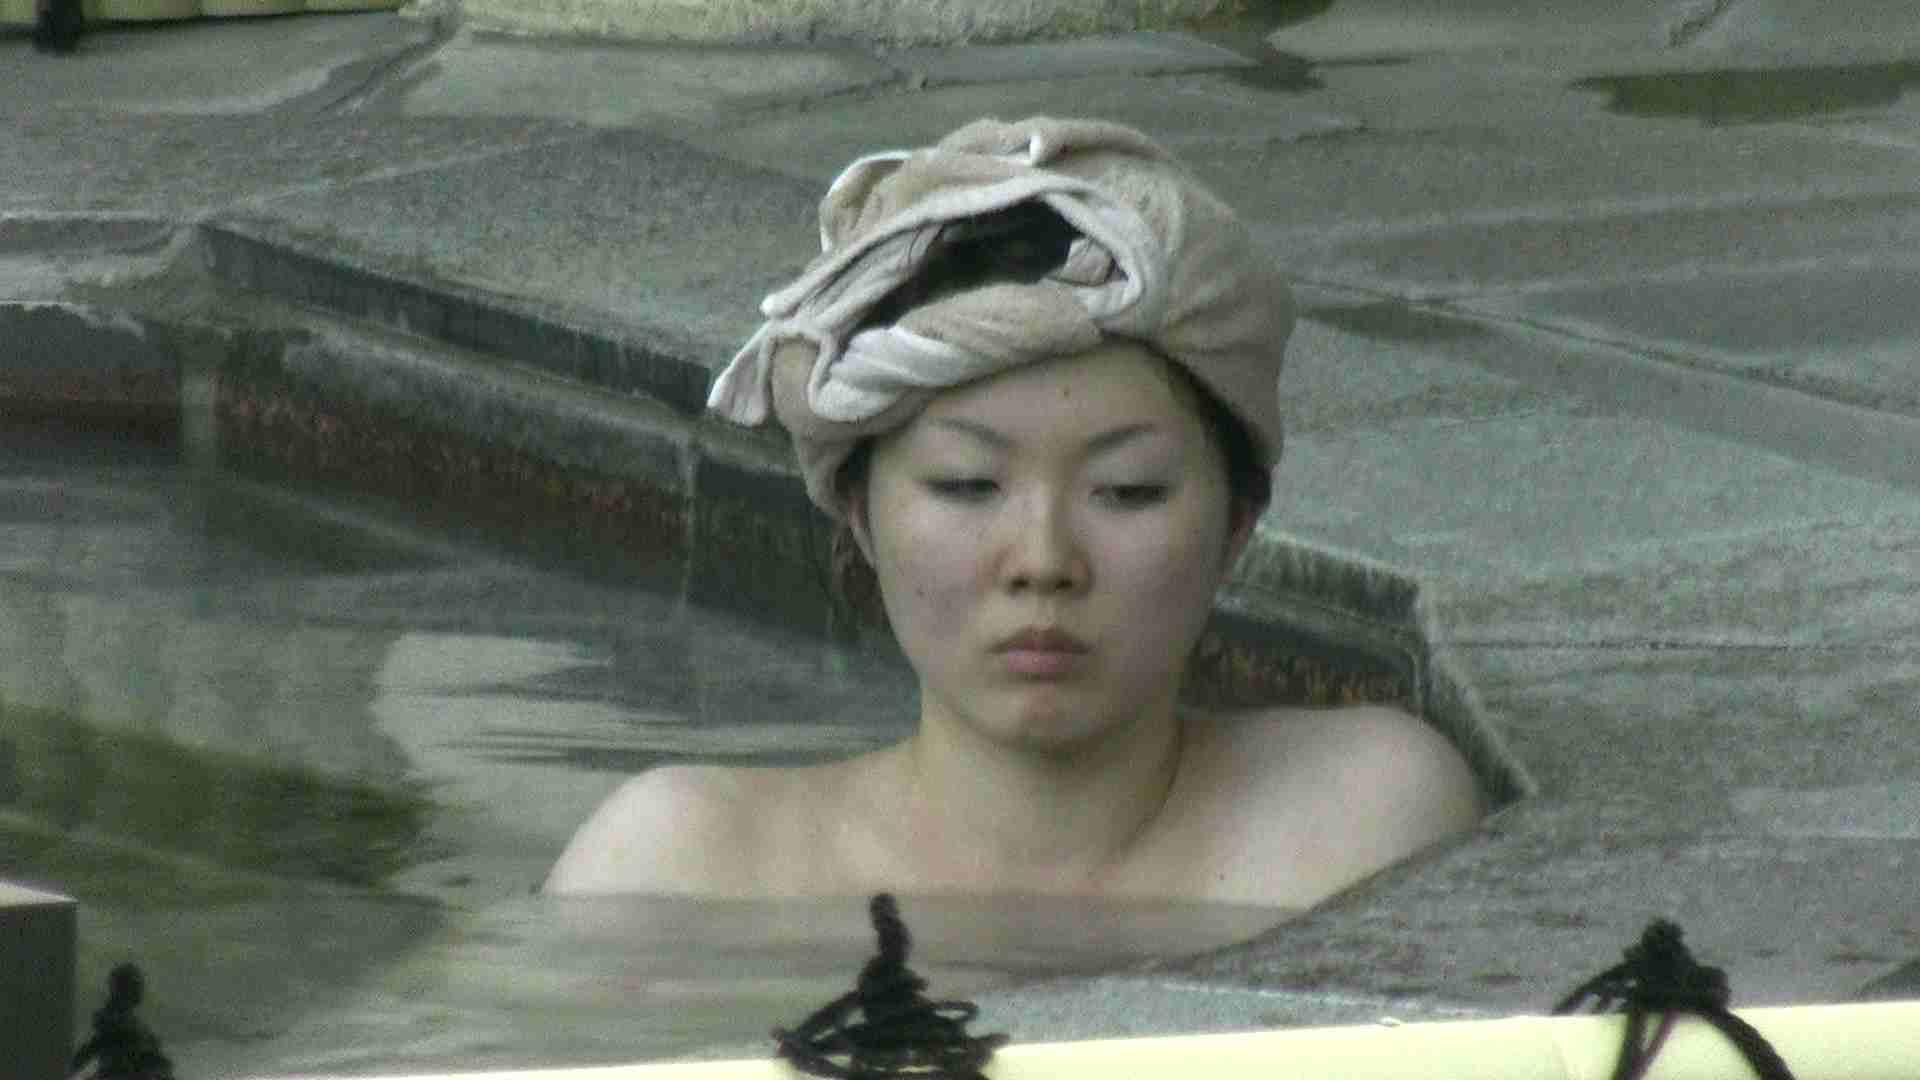 Aquaな露天風呂Vol.191 女体盗撮 のぞきおめこ無修正画像 72連発 68